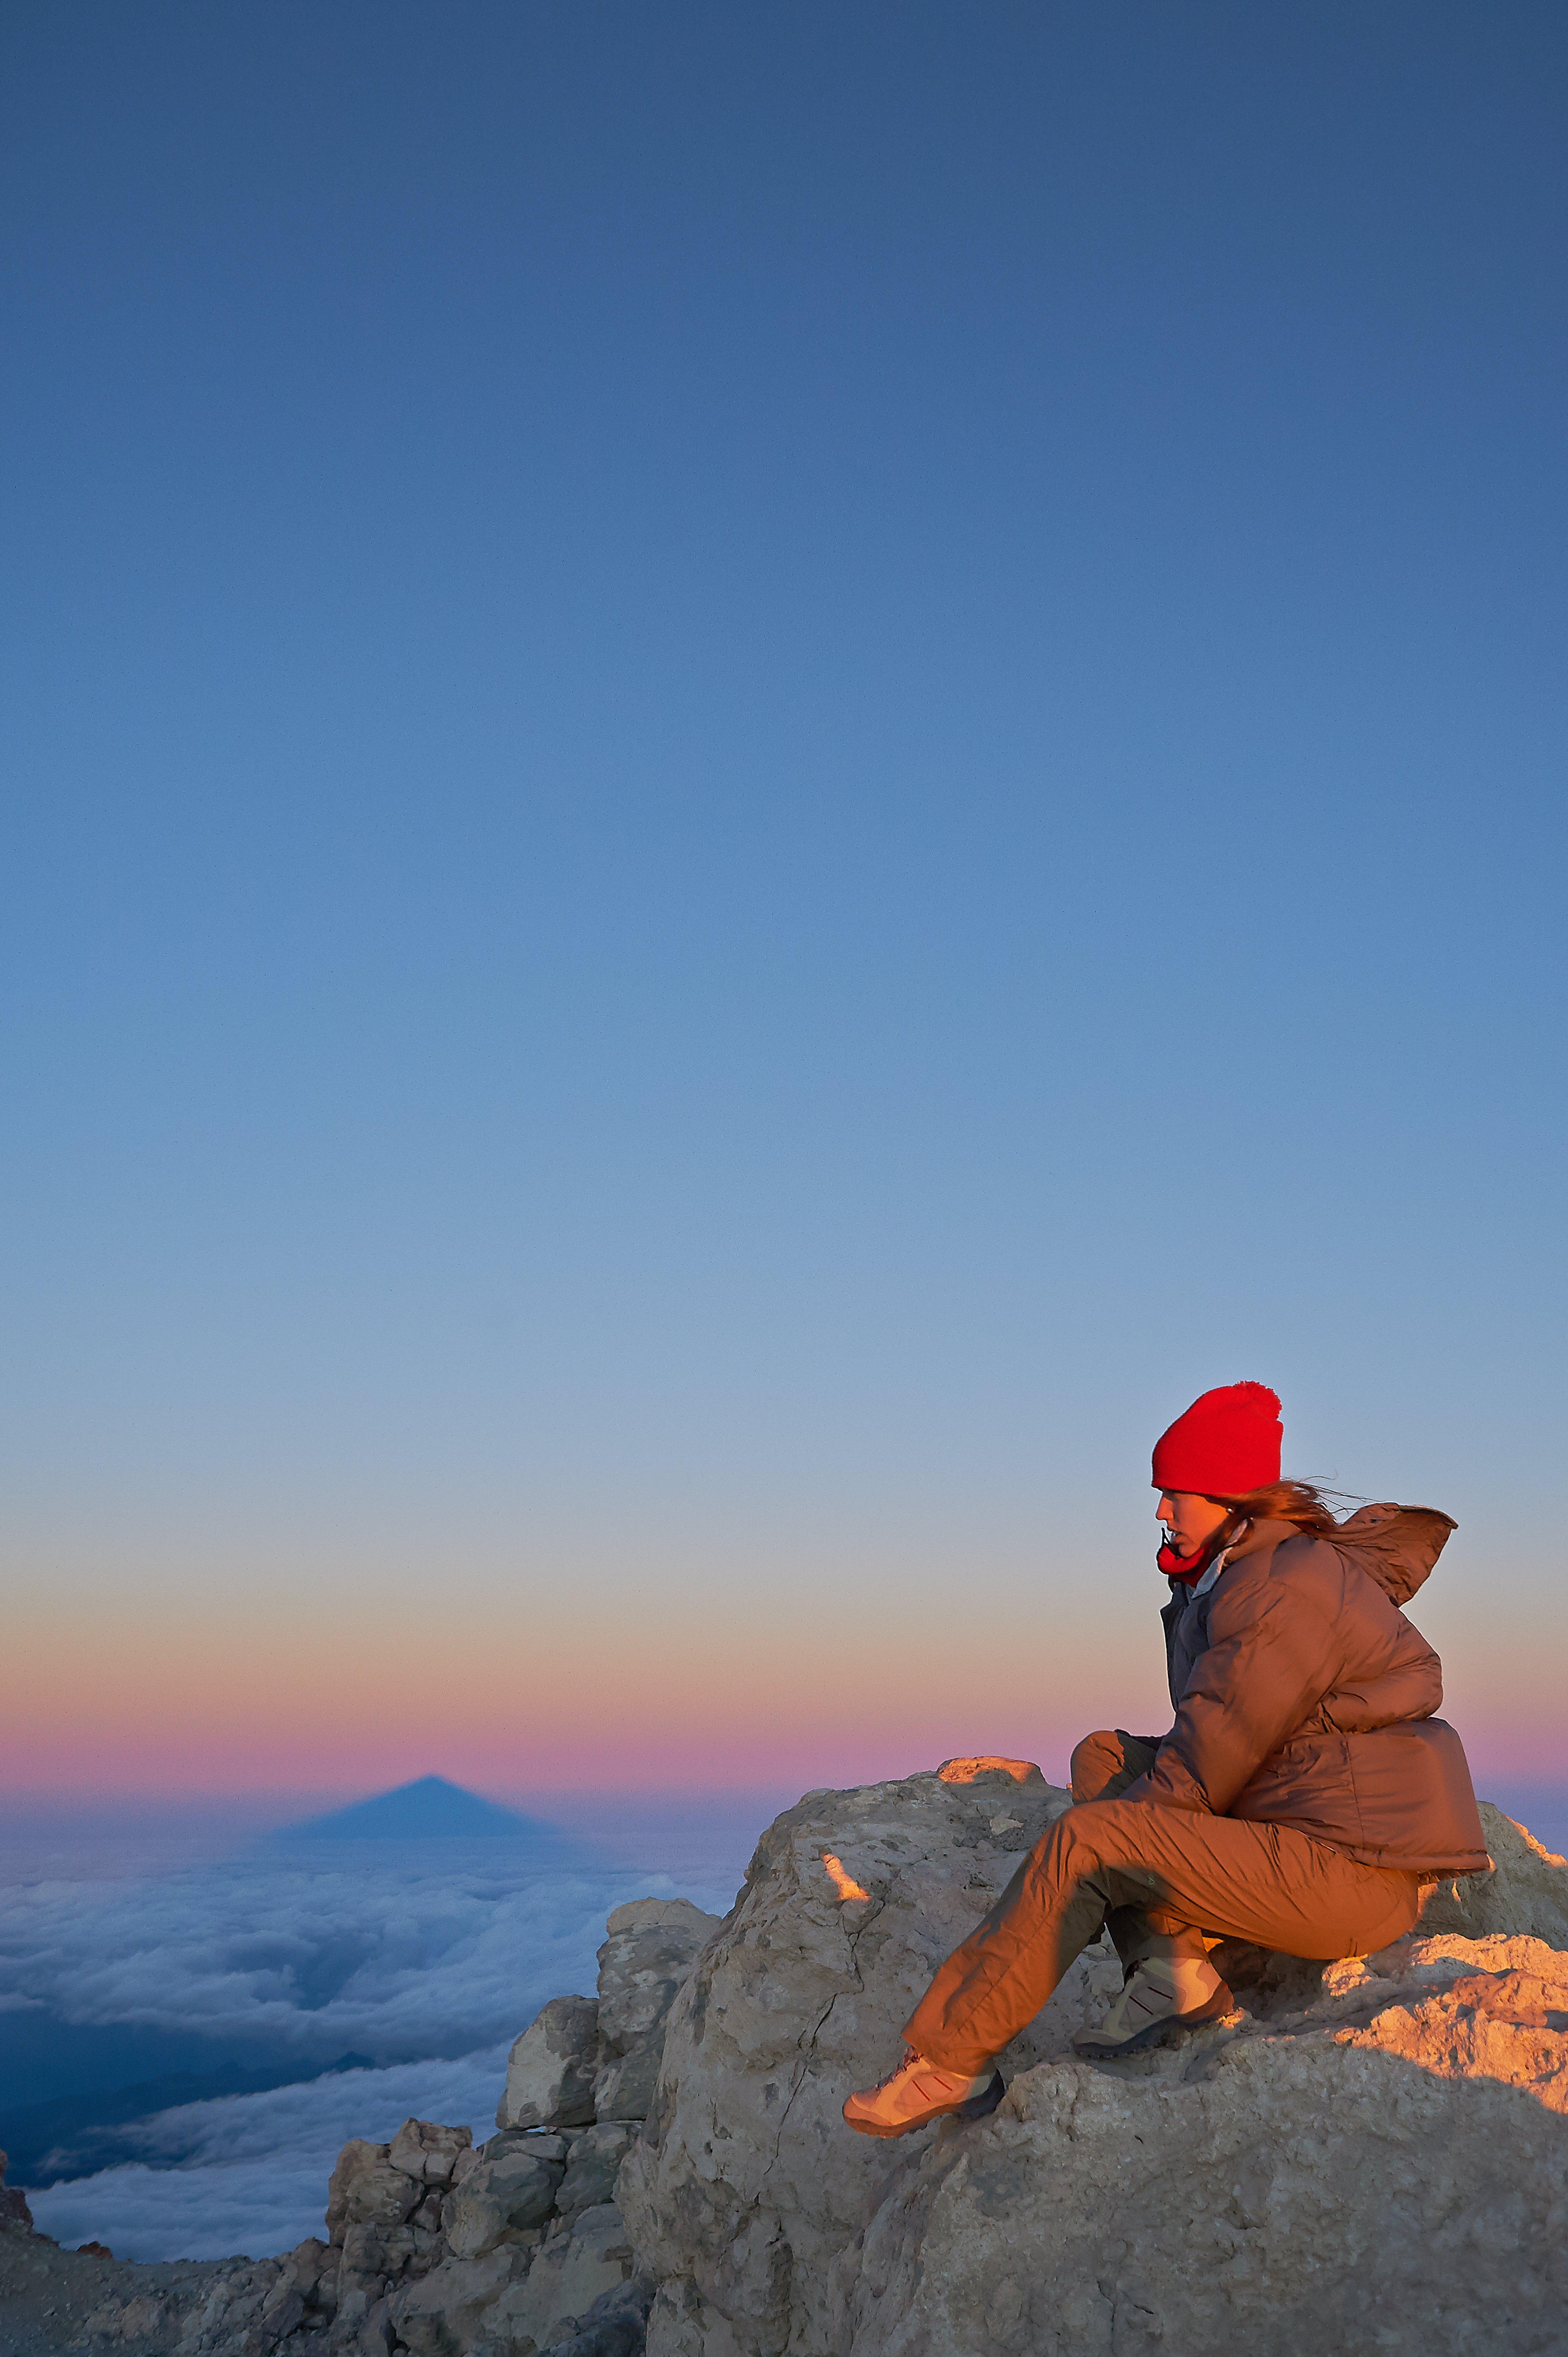 Wanderung zu Fuß auf den Teide: Sonnenaufgang auf dem Gipfel